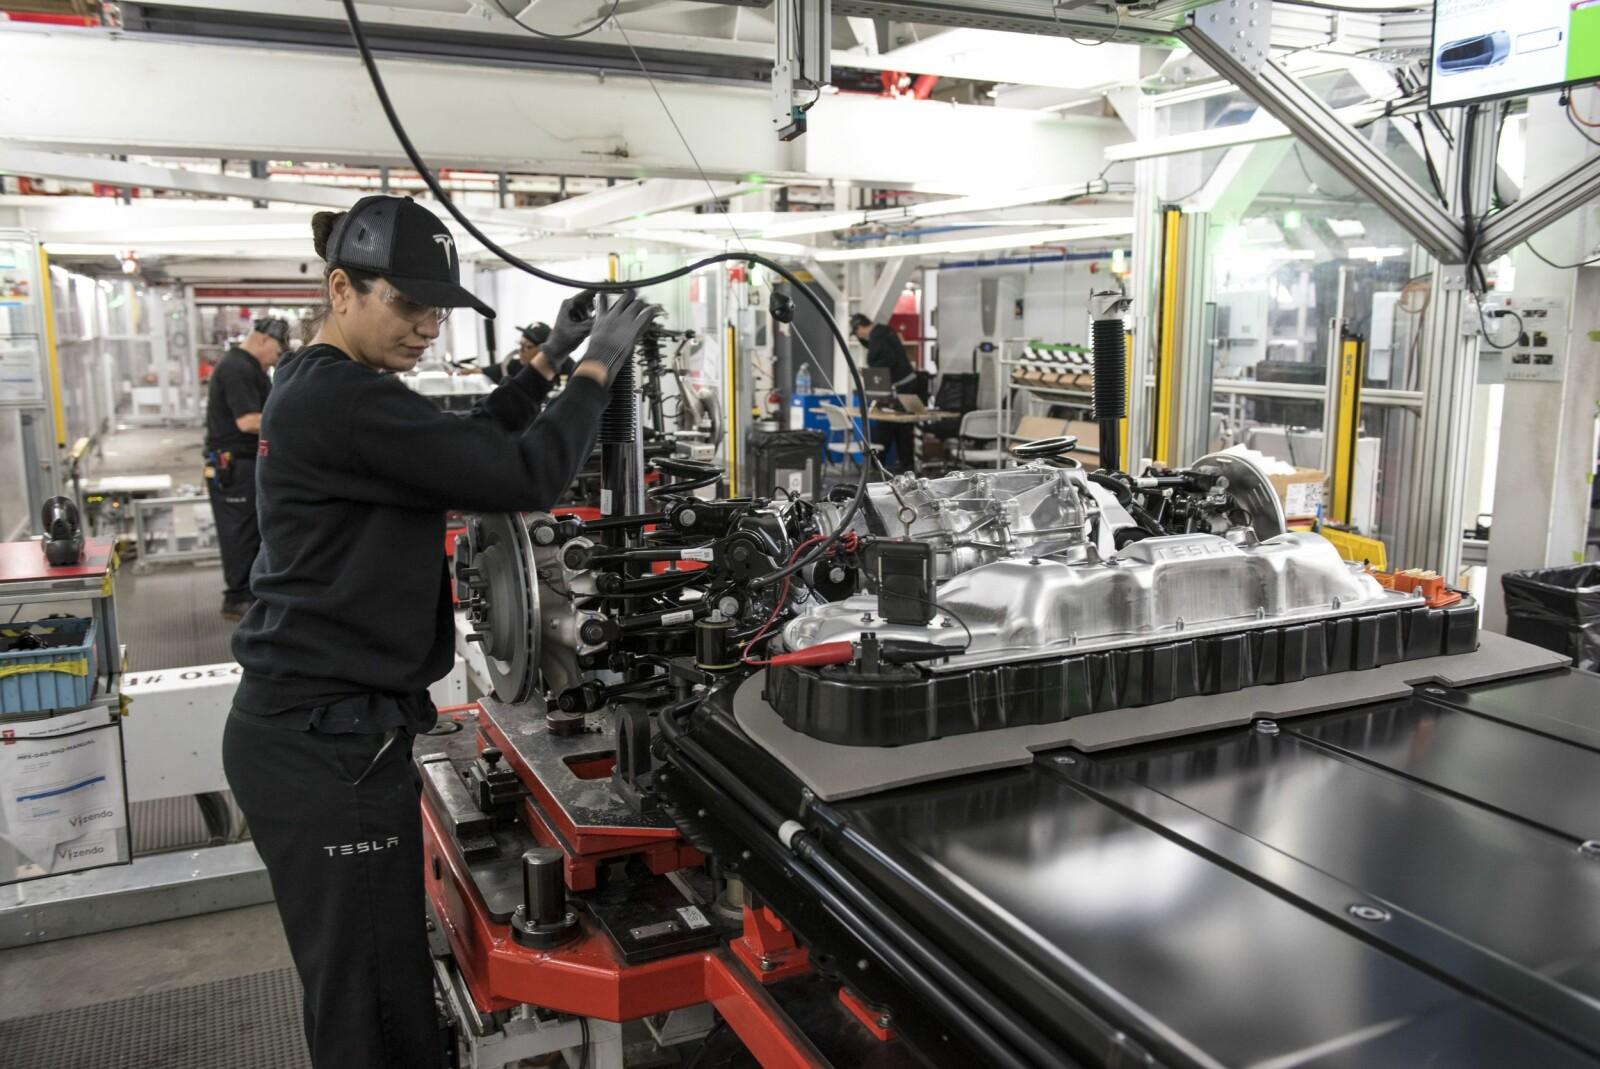 <b>MANUELT:</b> Også manuelt arbeid er en viktig del i produksjonen. Jaqueline dos Santos jobber med sammenstilling av batteri og chassis på en Model S.Huner en av 10 000 ansatte på to skift.